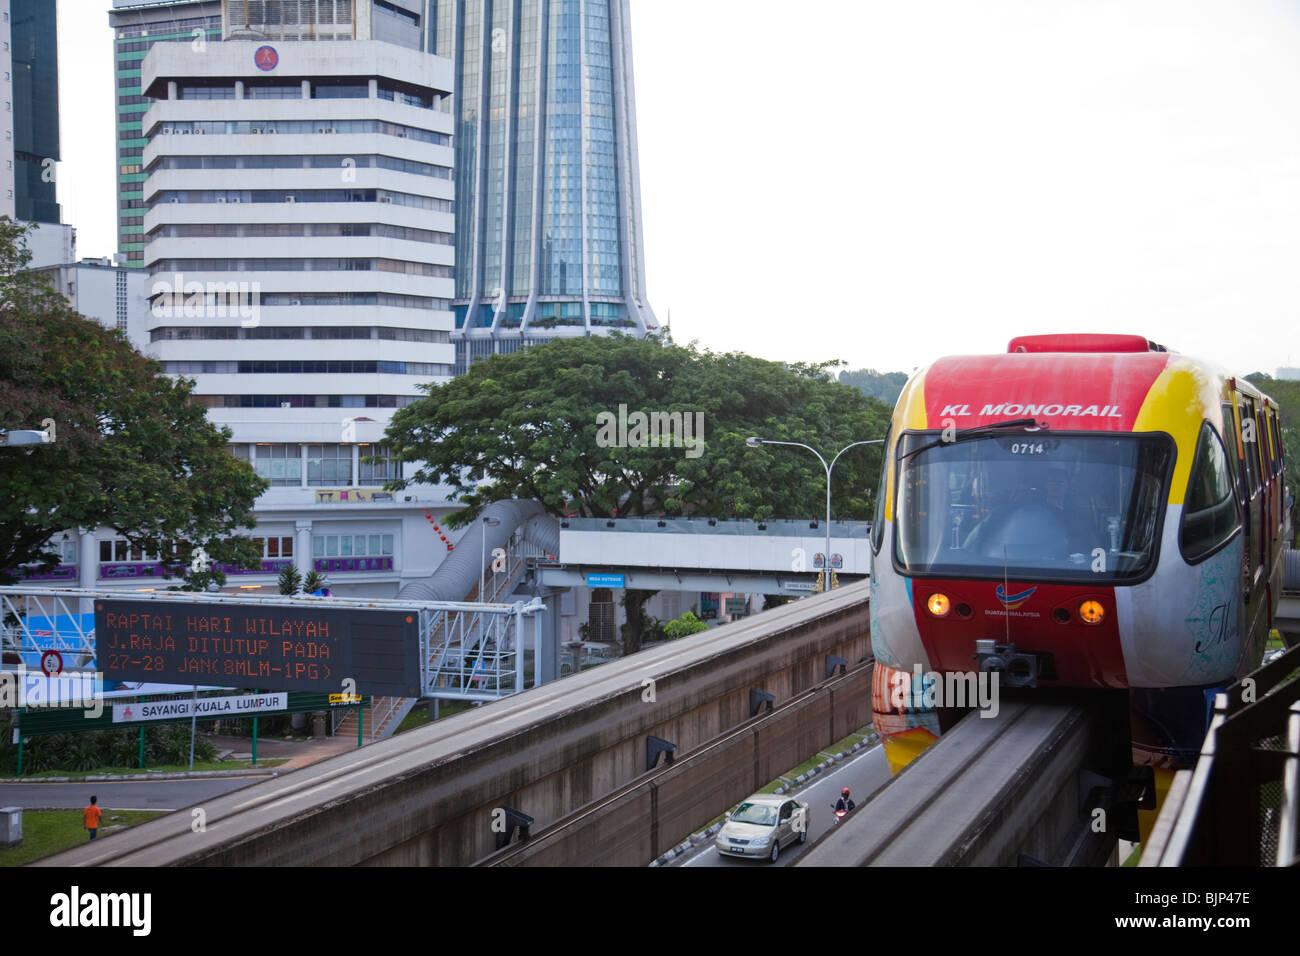 Malaysia Kuala Lumpur Mono Rail commuter train - Stock Image